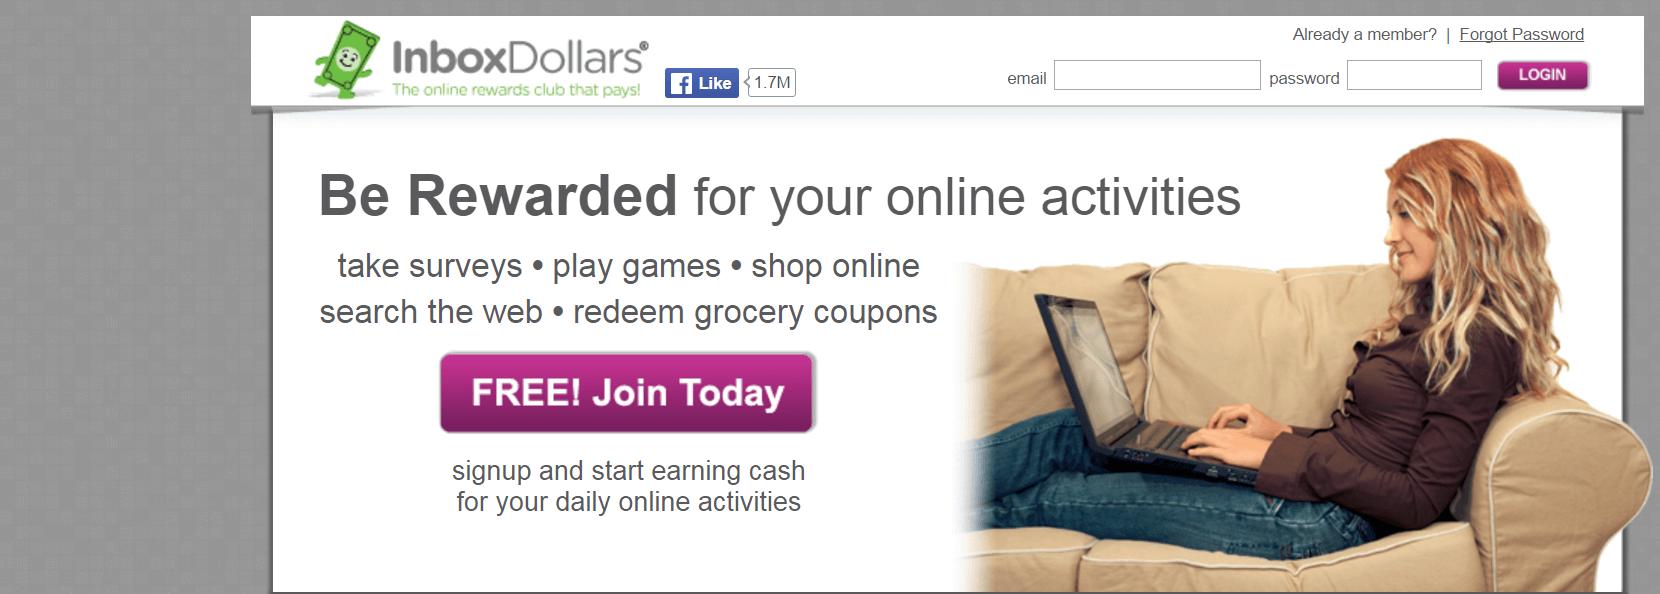 inbox dollars homescreen